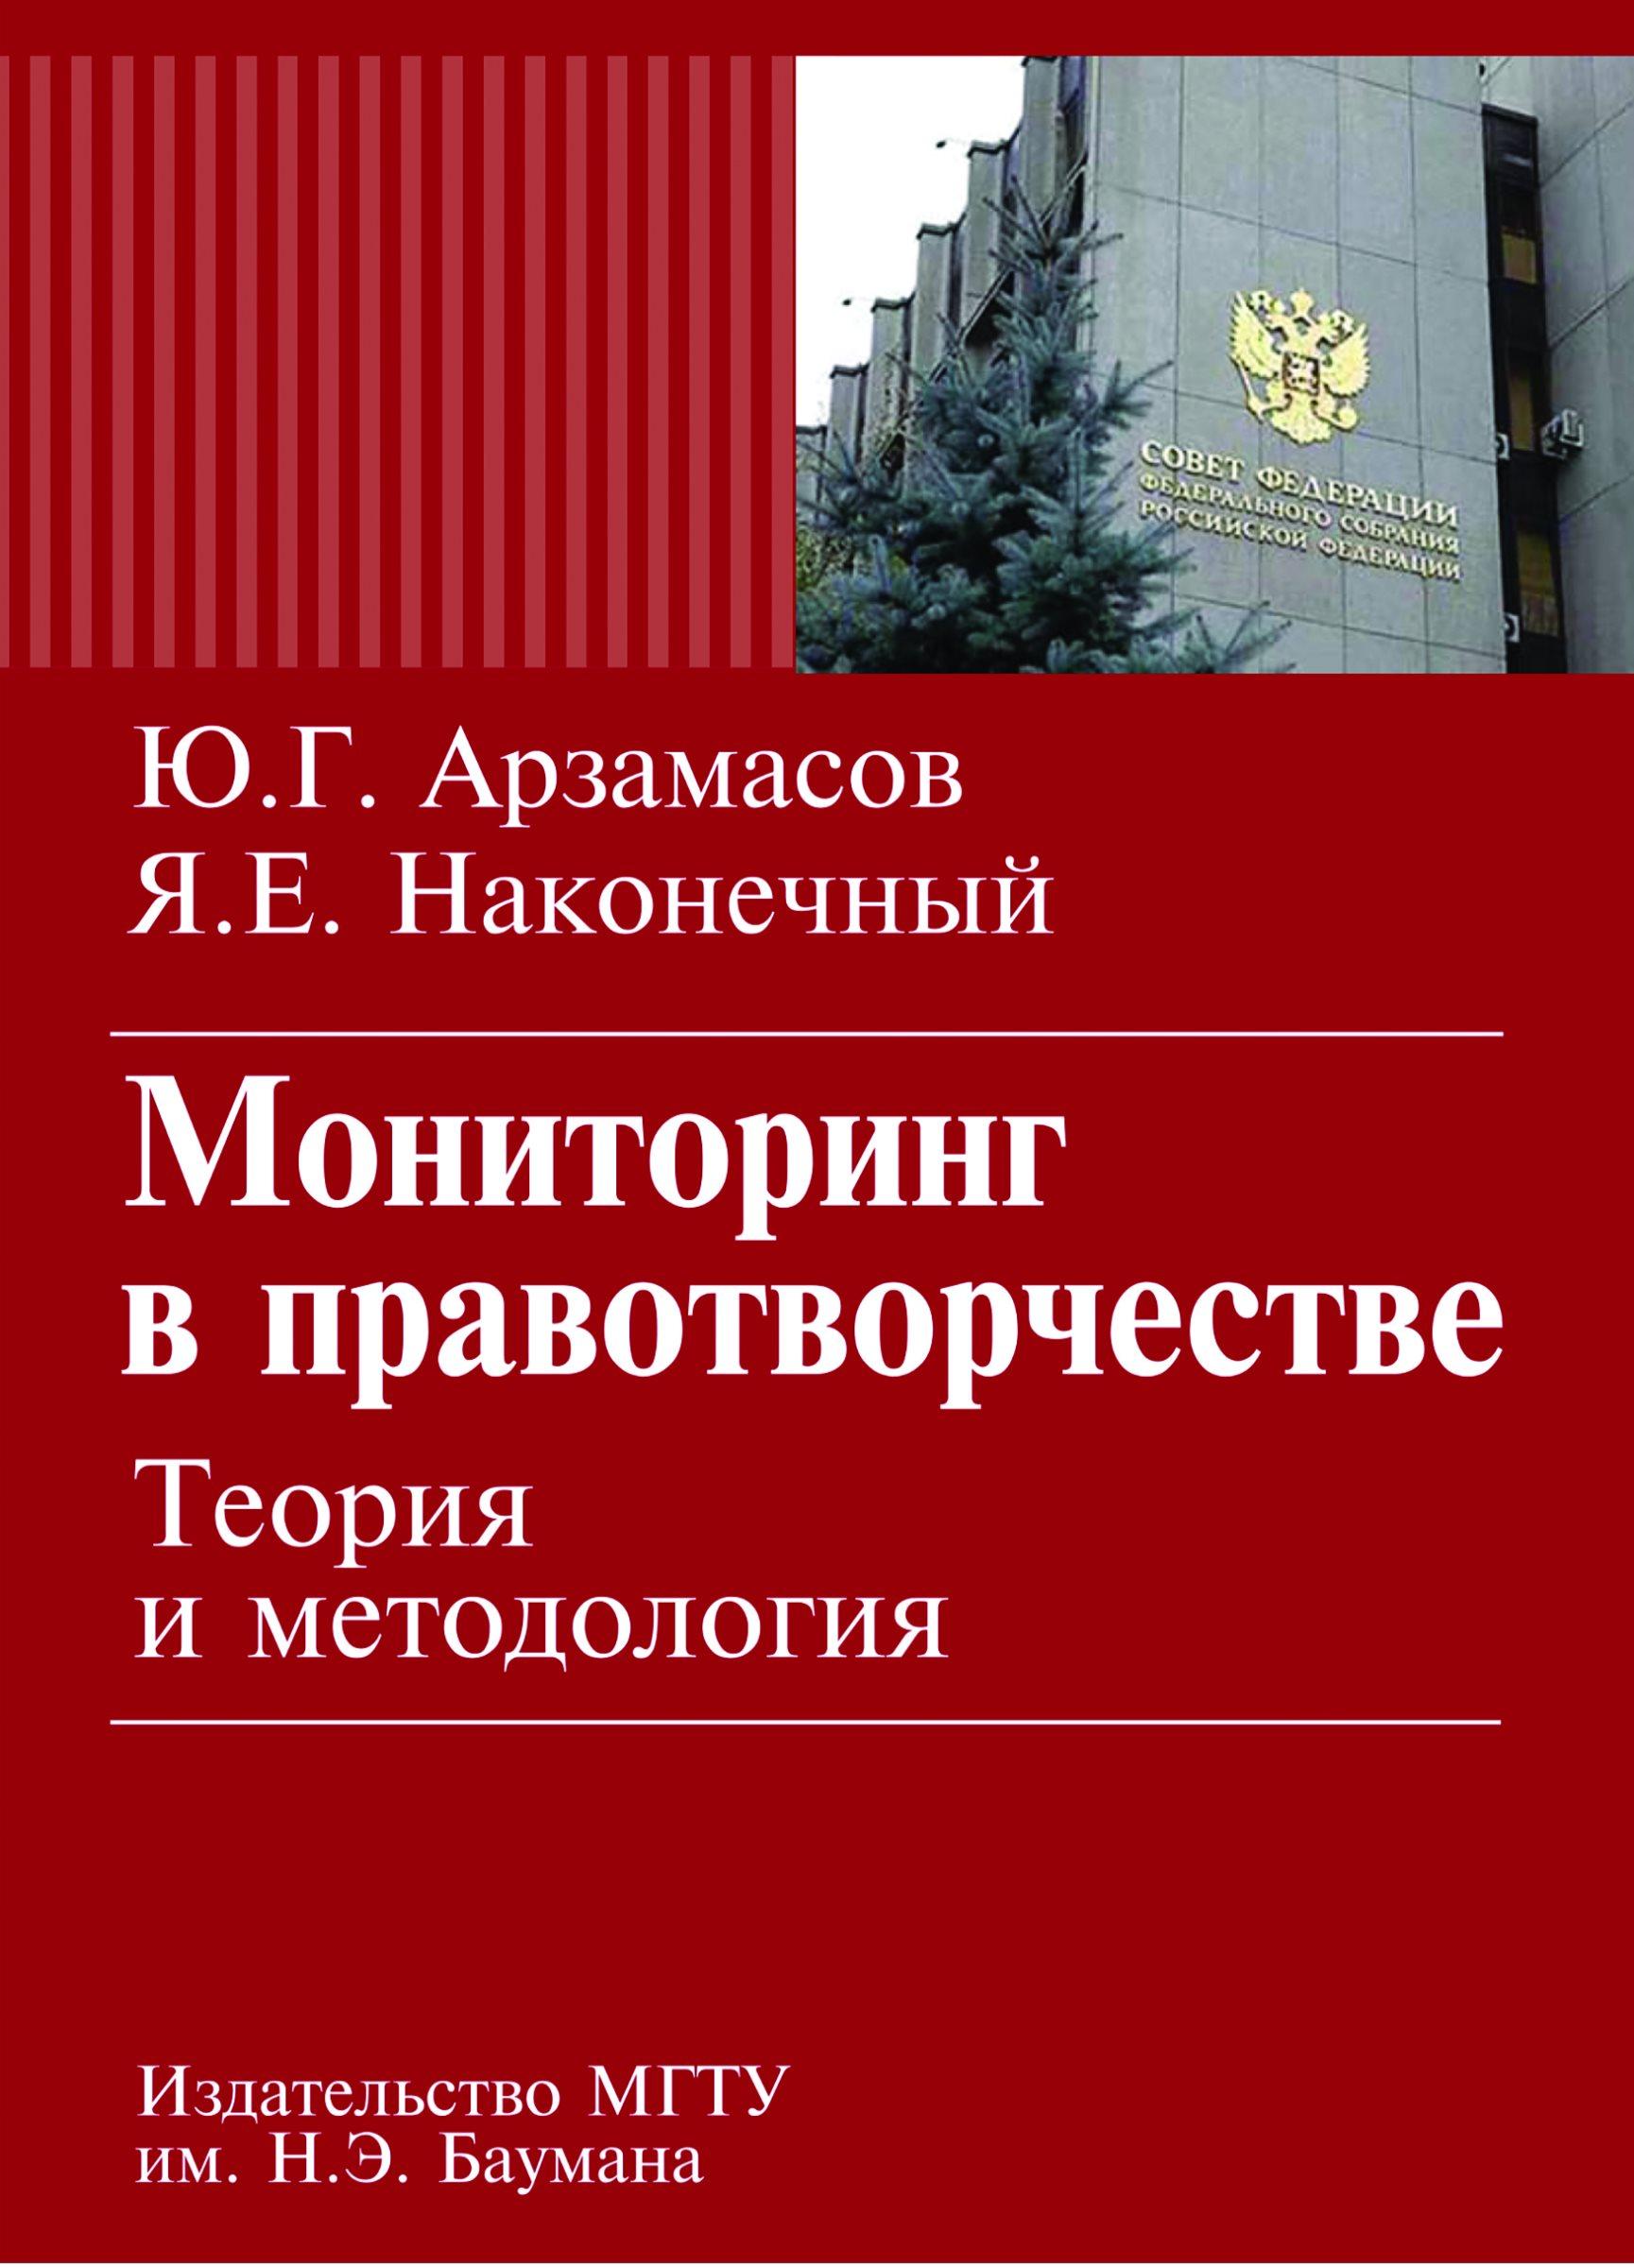 Юрий Арзамасов Мониторинг в правотворчестве. Теория и методология оборудование для мониторинга etour